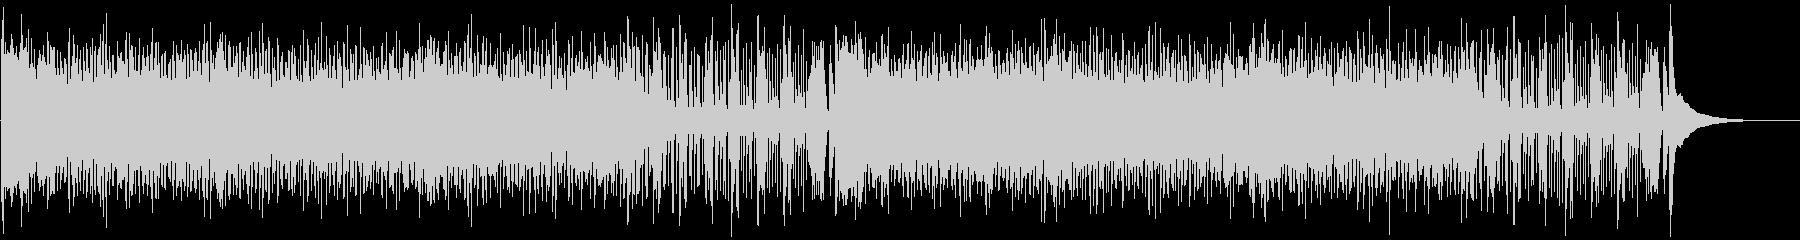 ウクレレとパーカスによる南国風の陽気な曲の未再生の波形